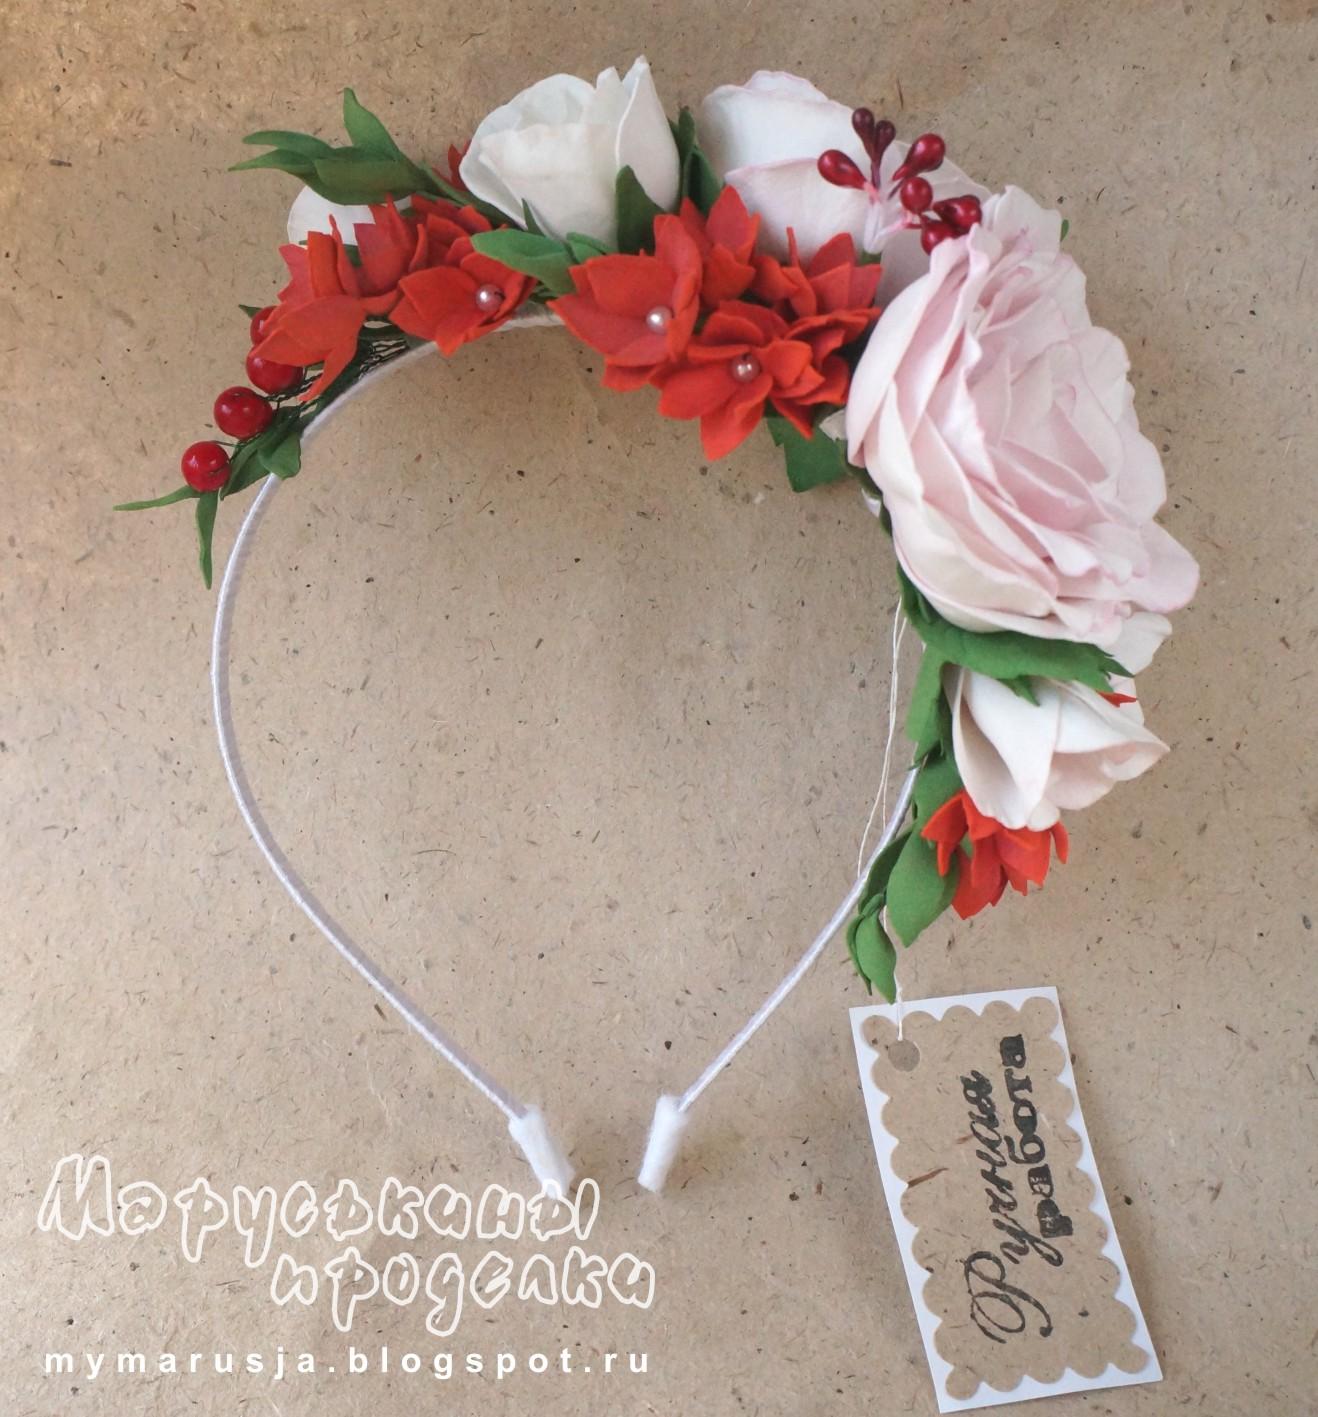 Фото ободков с цветами из фоамирана